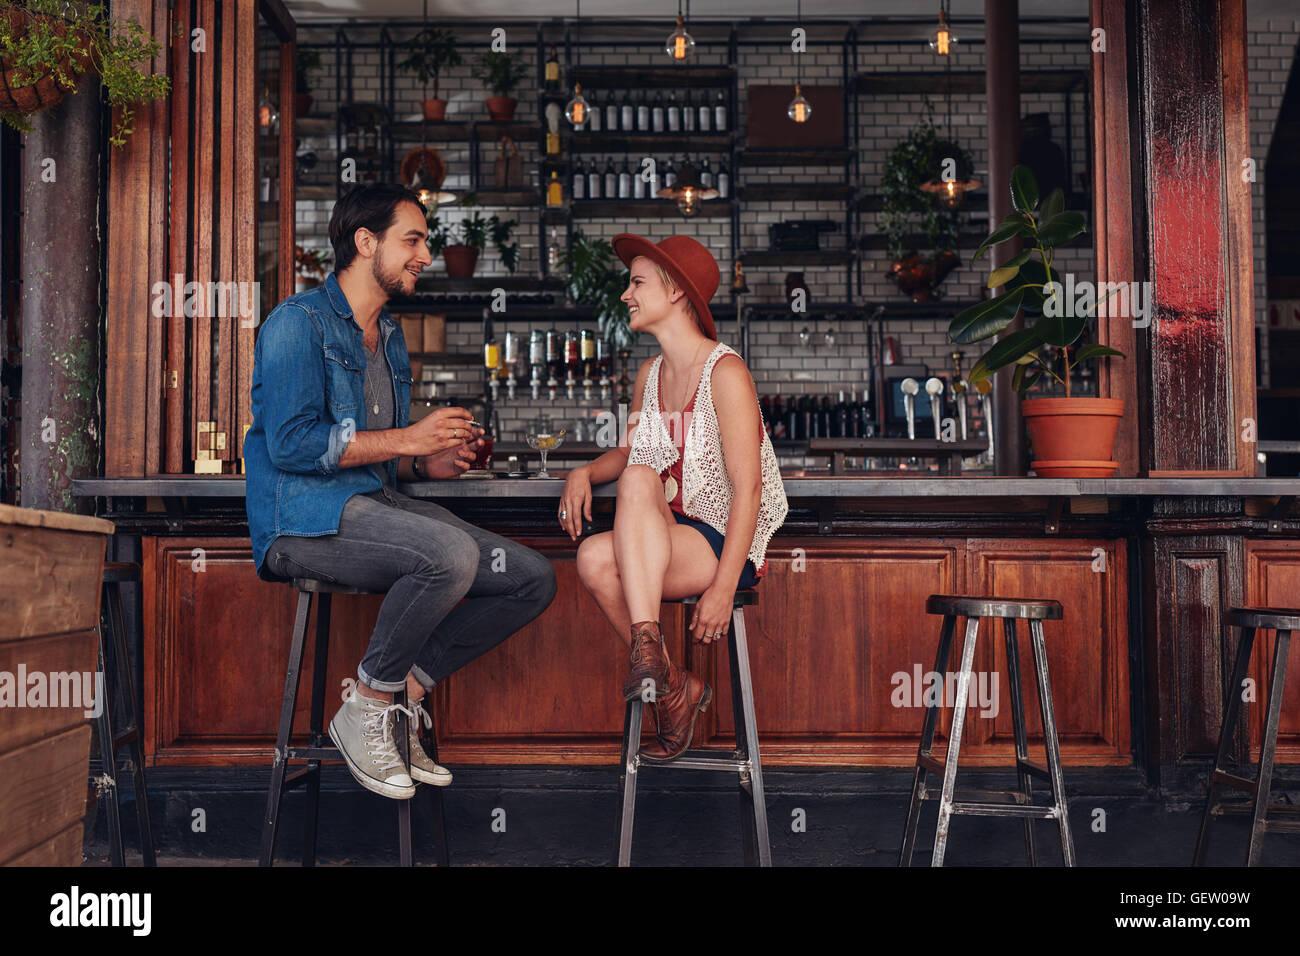 Foto de pareja joven sentado en el cafe contador. El hombre y la mujer joven en la cafetería. Imagen De Stock